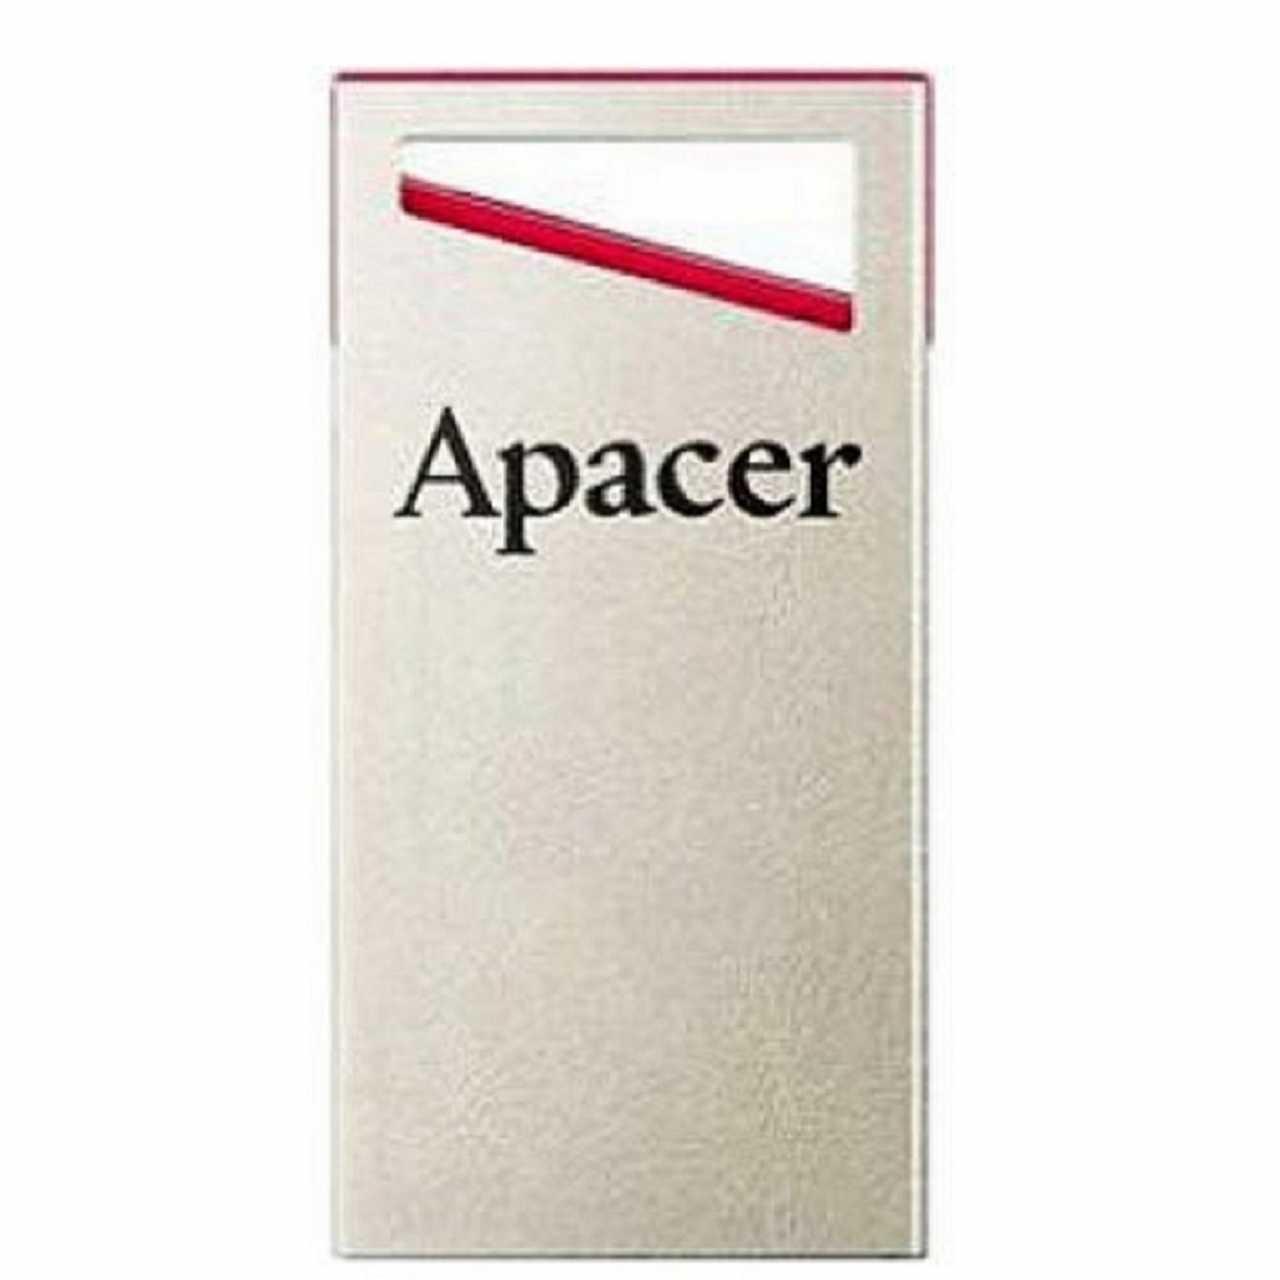 فلش مموری  Apacer AH112-8GB